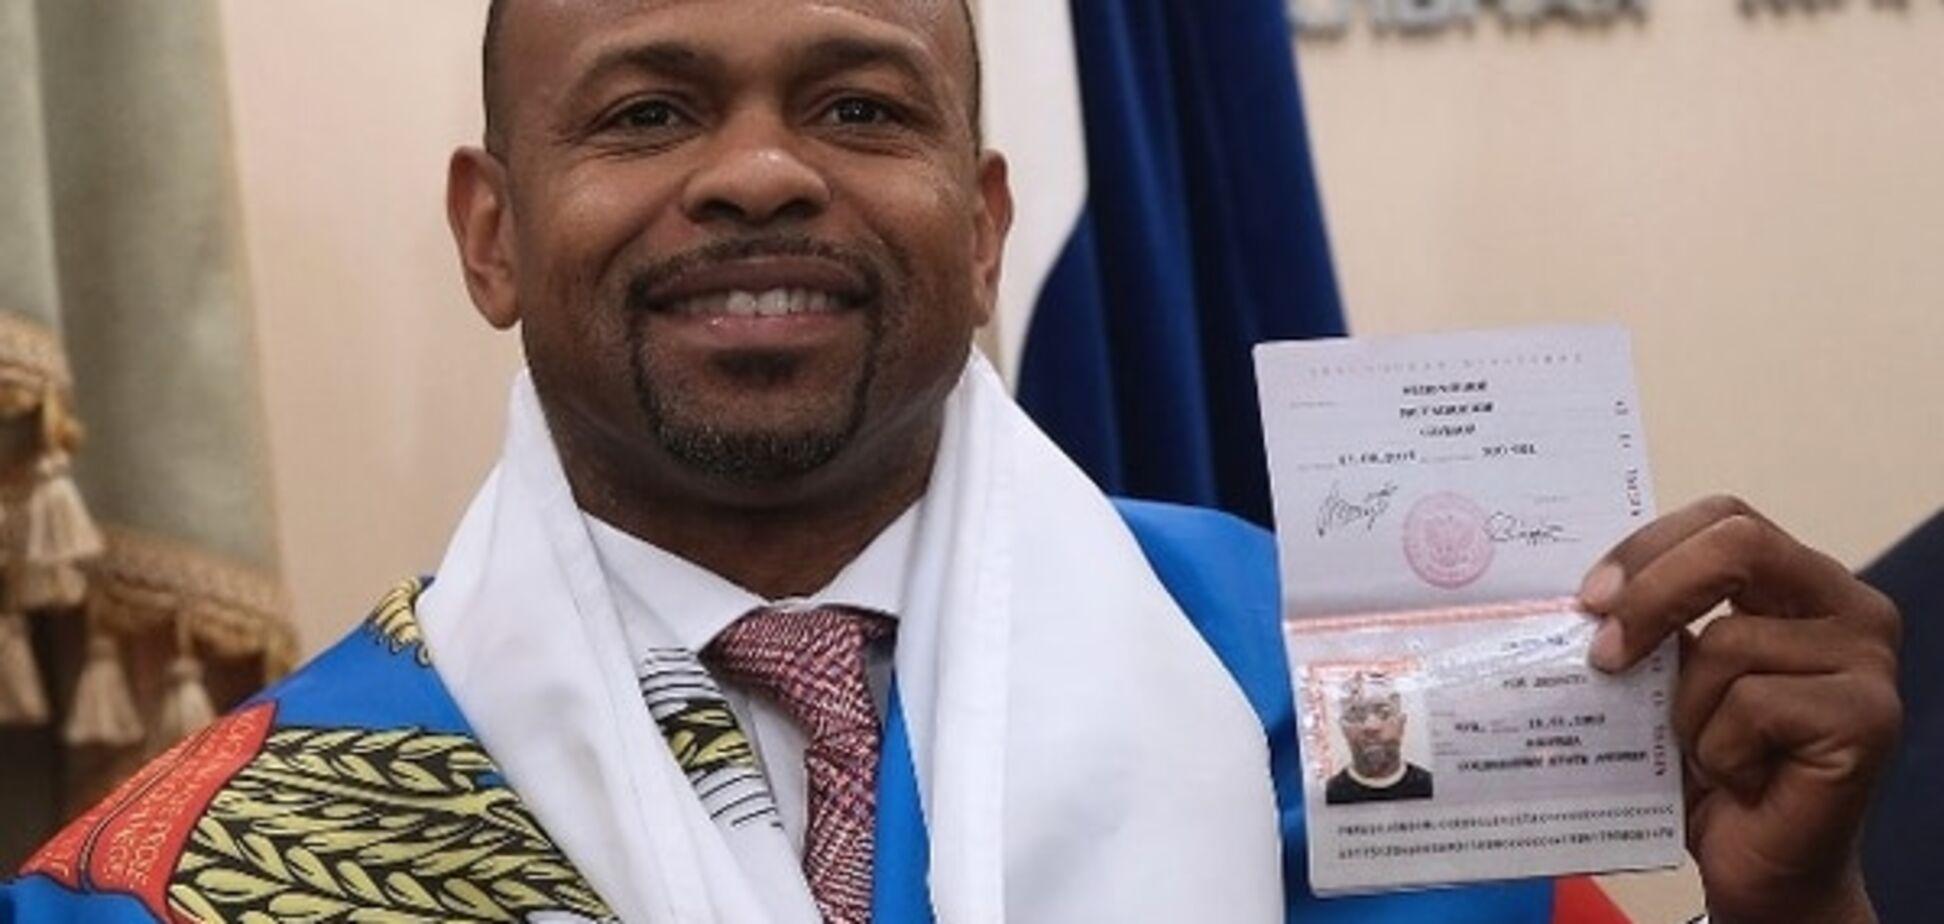 Нашли, чем гордиться: американской легенде бокса пафосно вручили паспорт РФ